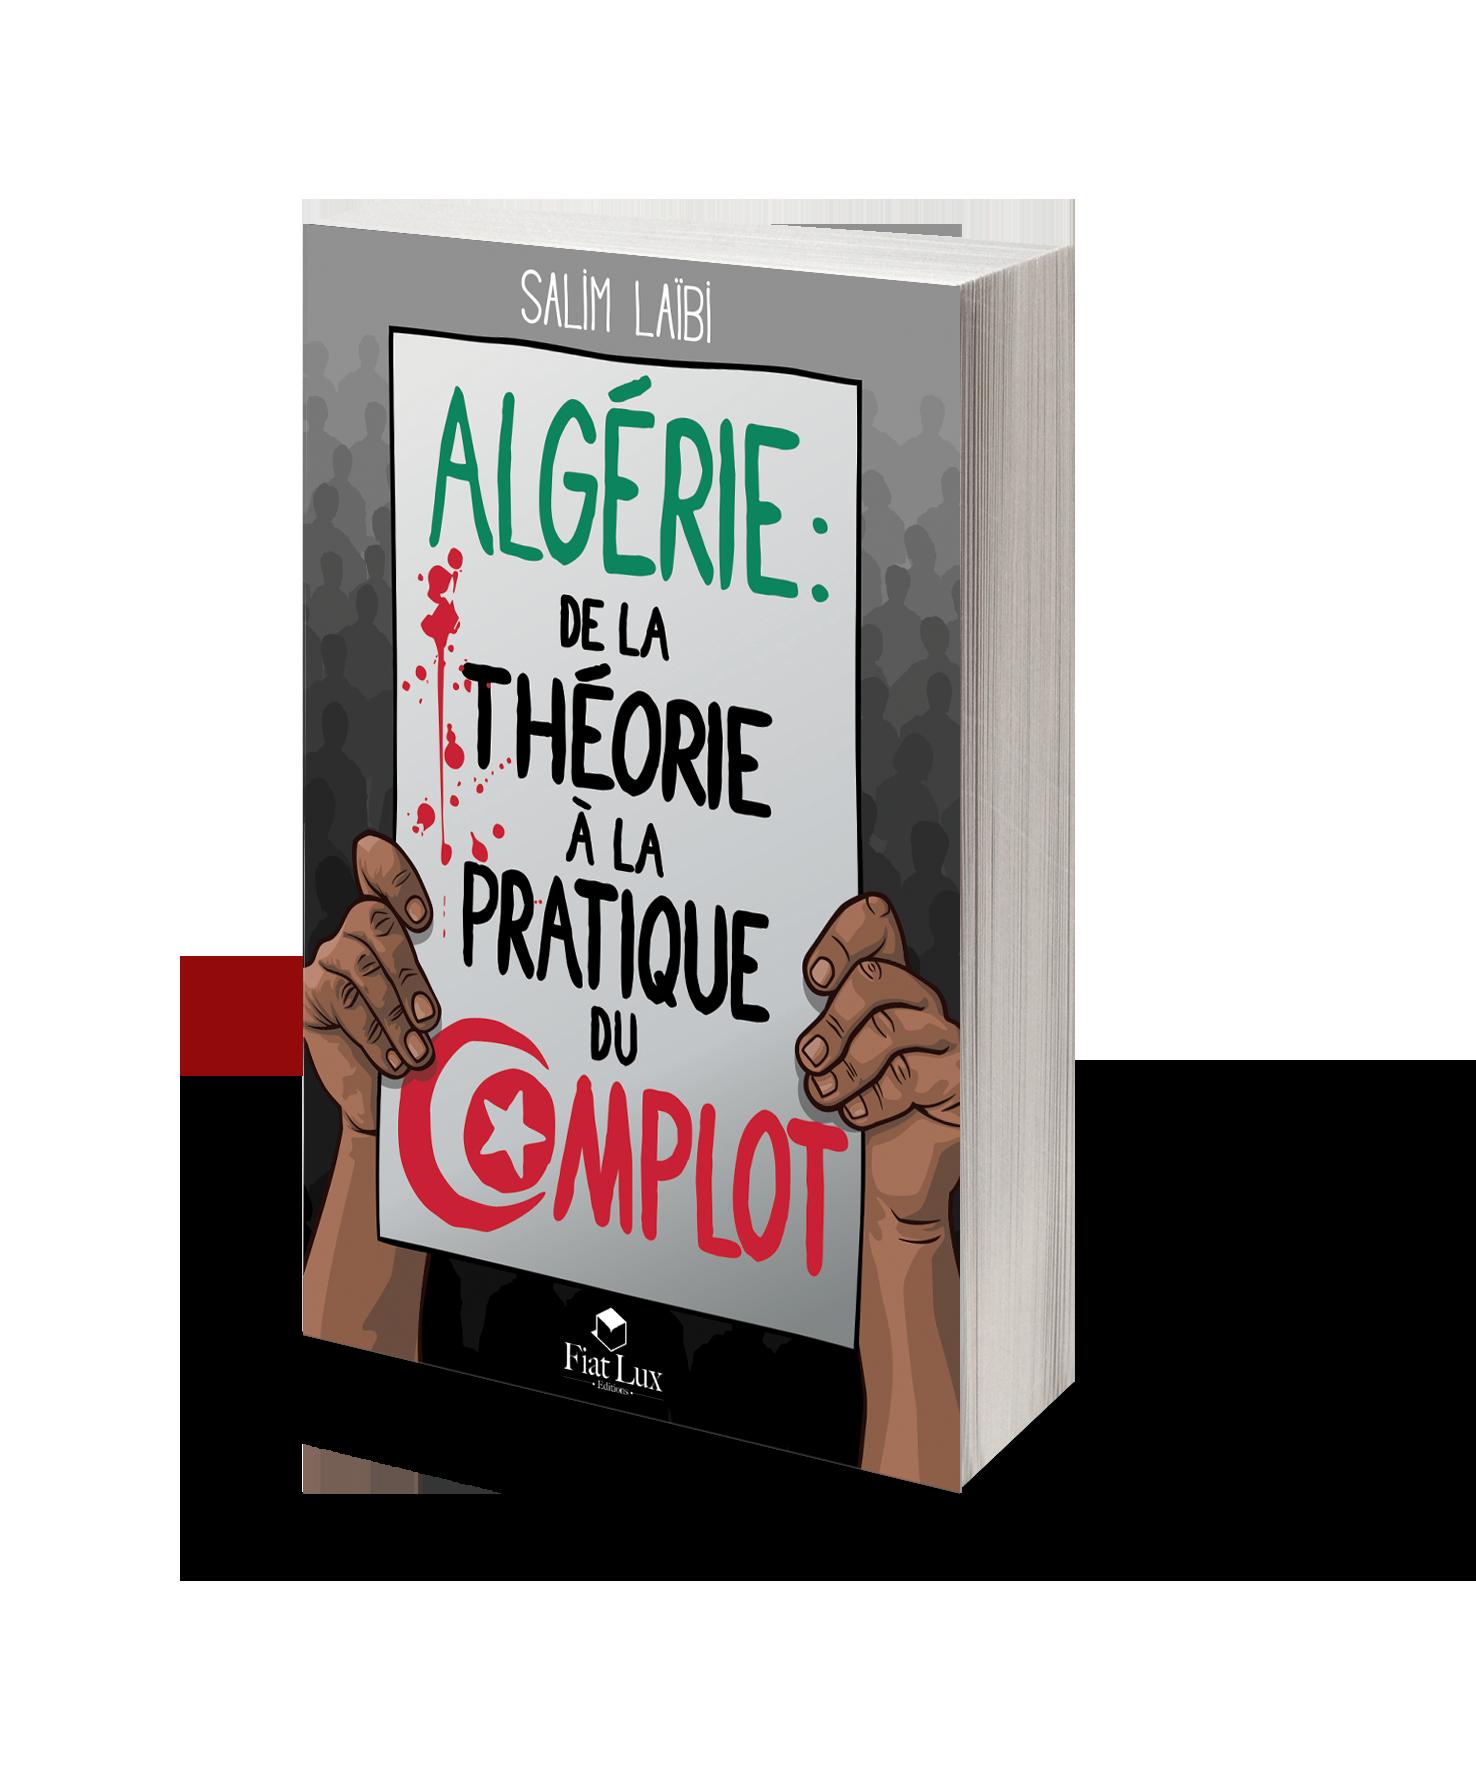 EFL-Livres-3D-ATPC-Algérie-Complot-LLP